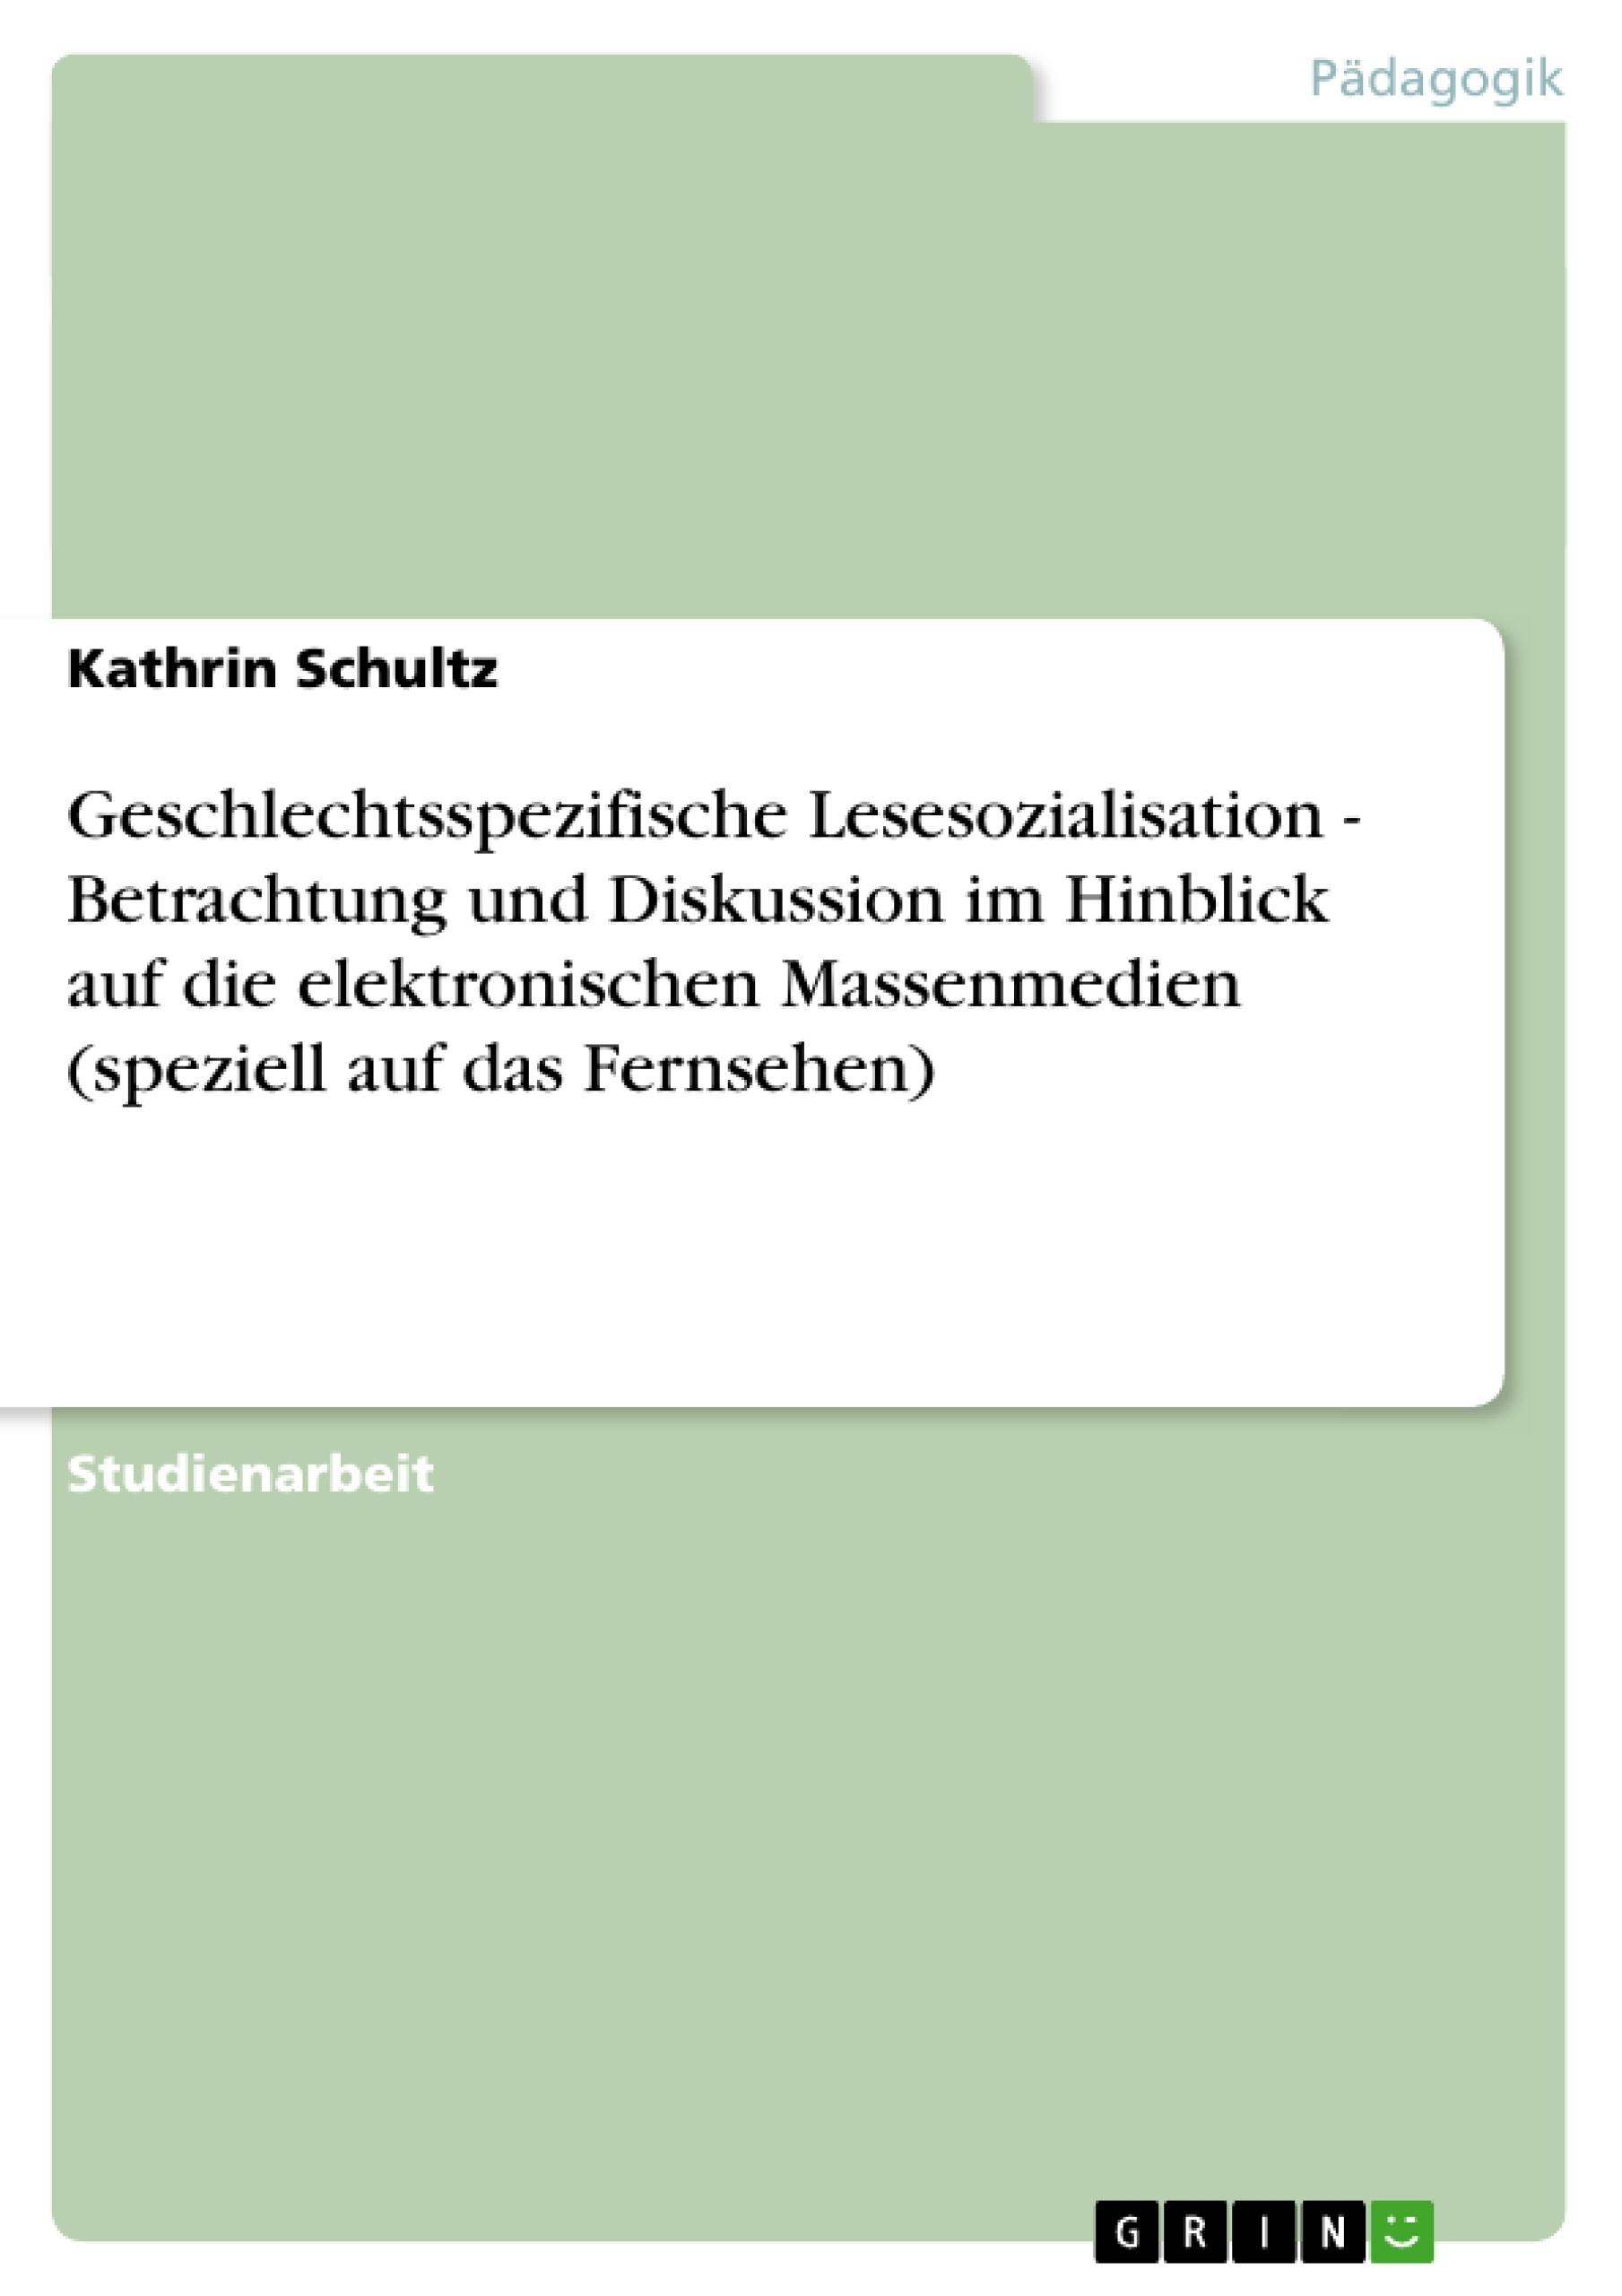 Titel: Geschlechtsspezifische Lesesozialisation - Betrachtung und Diskussion im Hinblick auf die elektronischen Massenmedien  (speziell auf das Fernsehen)